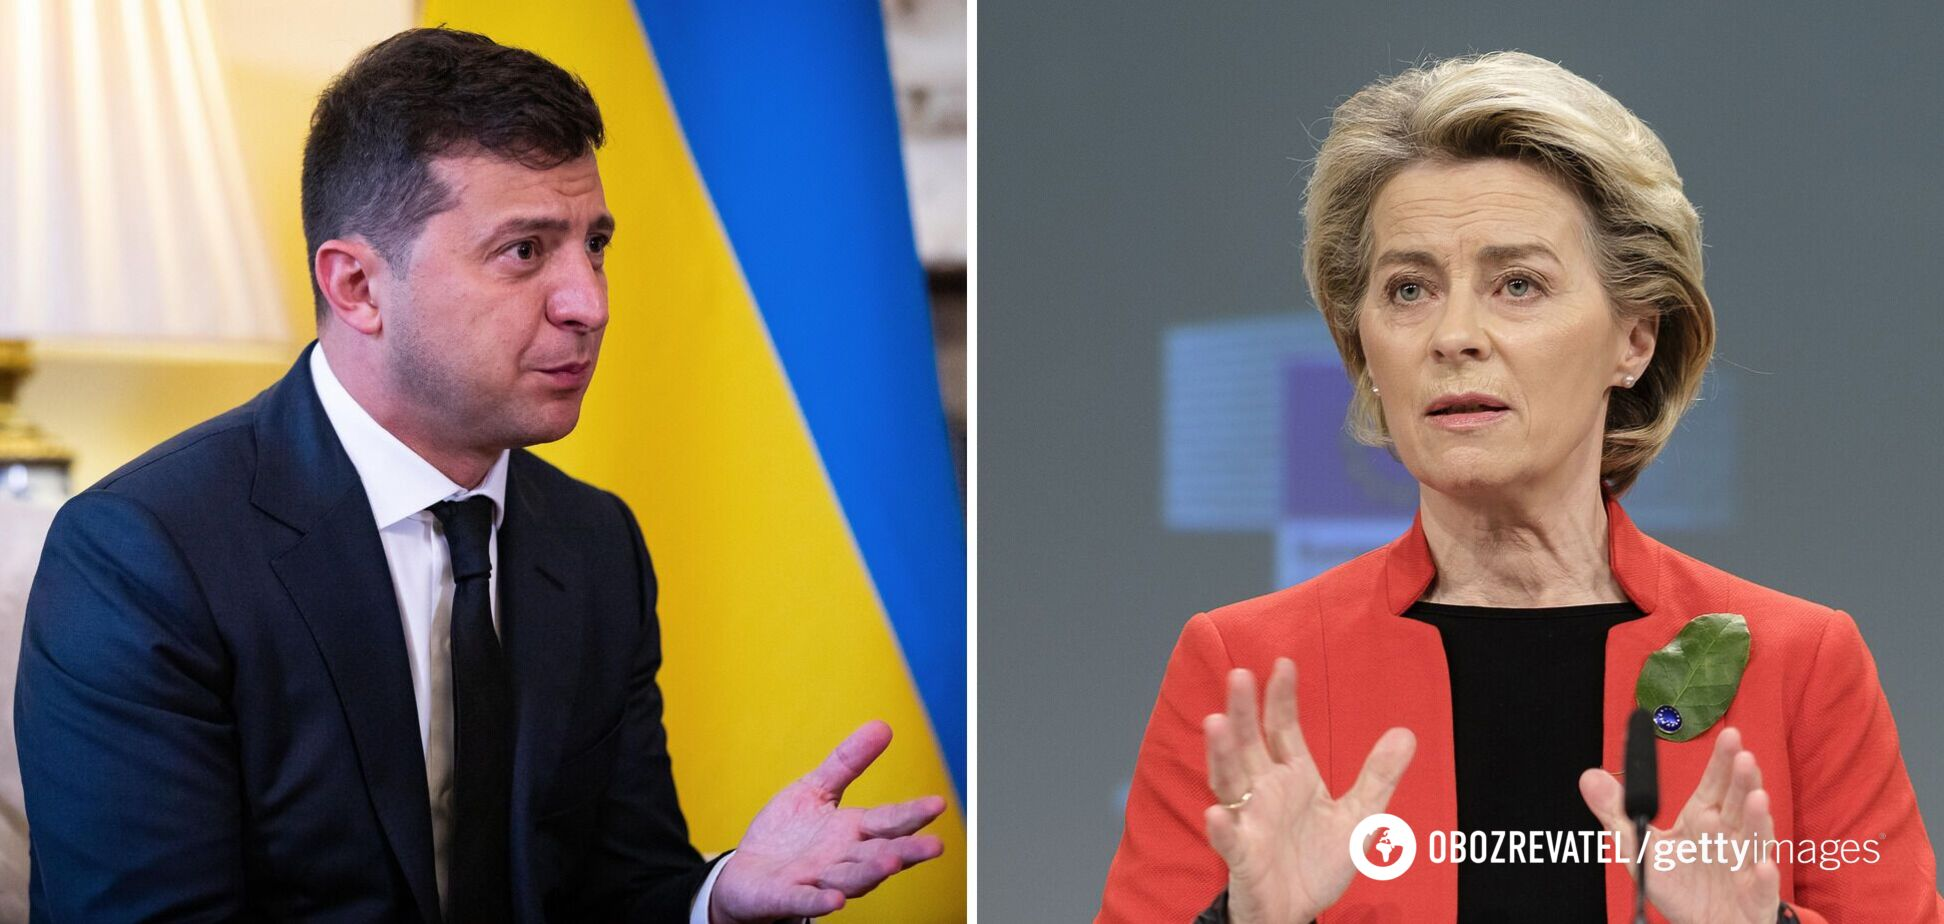 Глава Еврокомиссии отказалась от приглашения Зеленского в Киев и подверглась критике